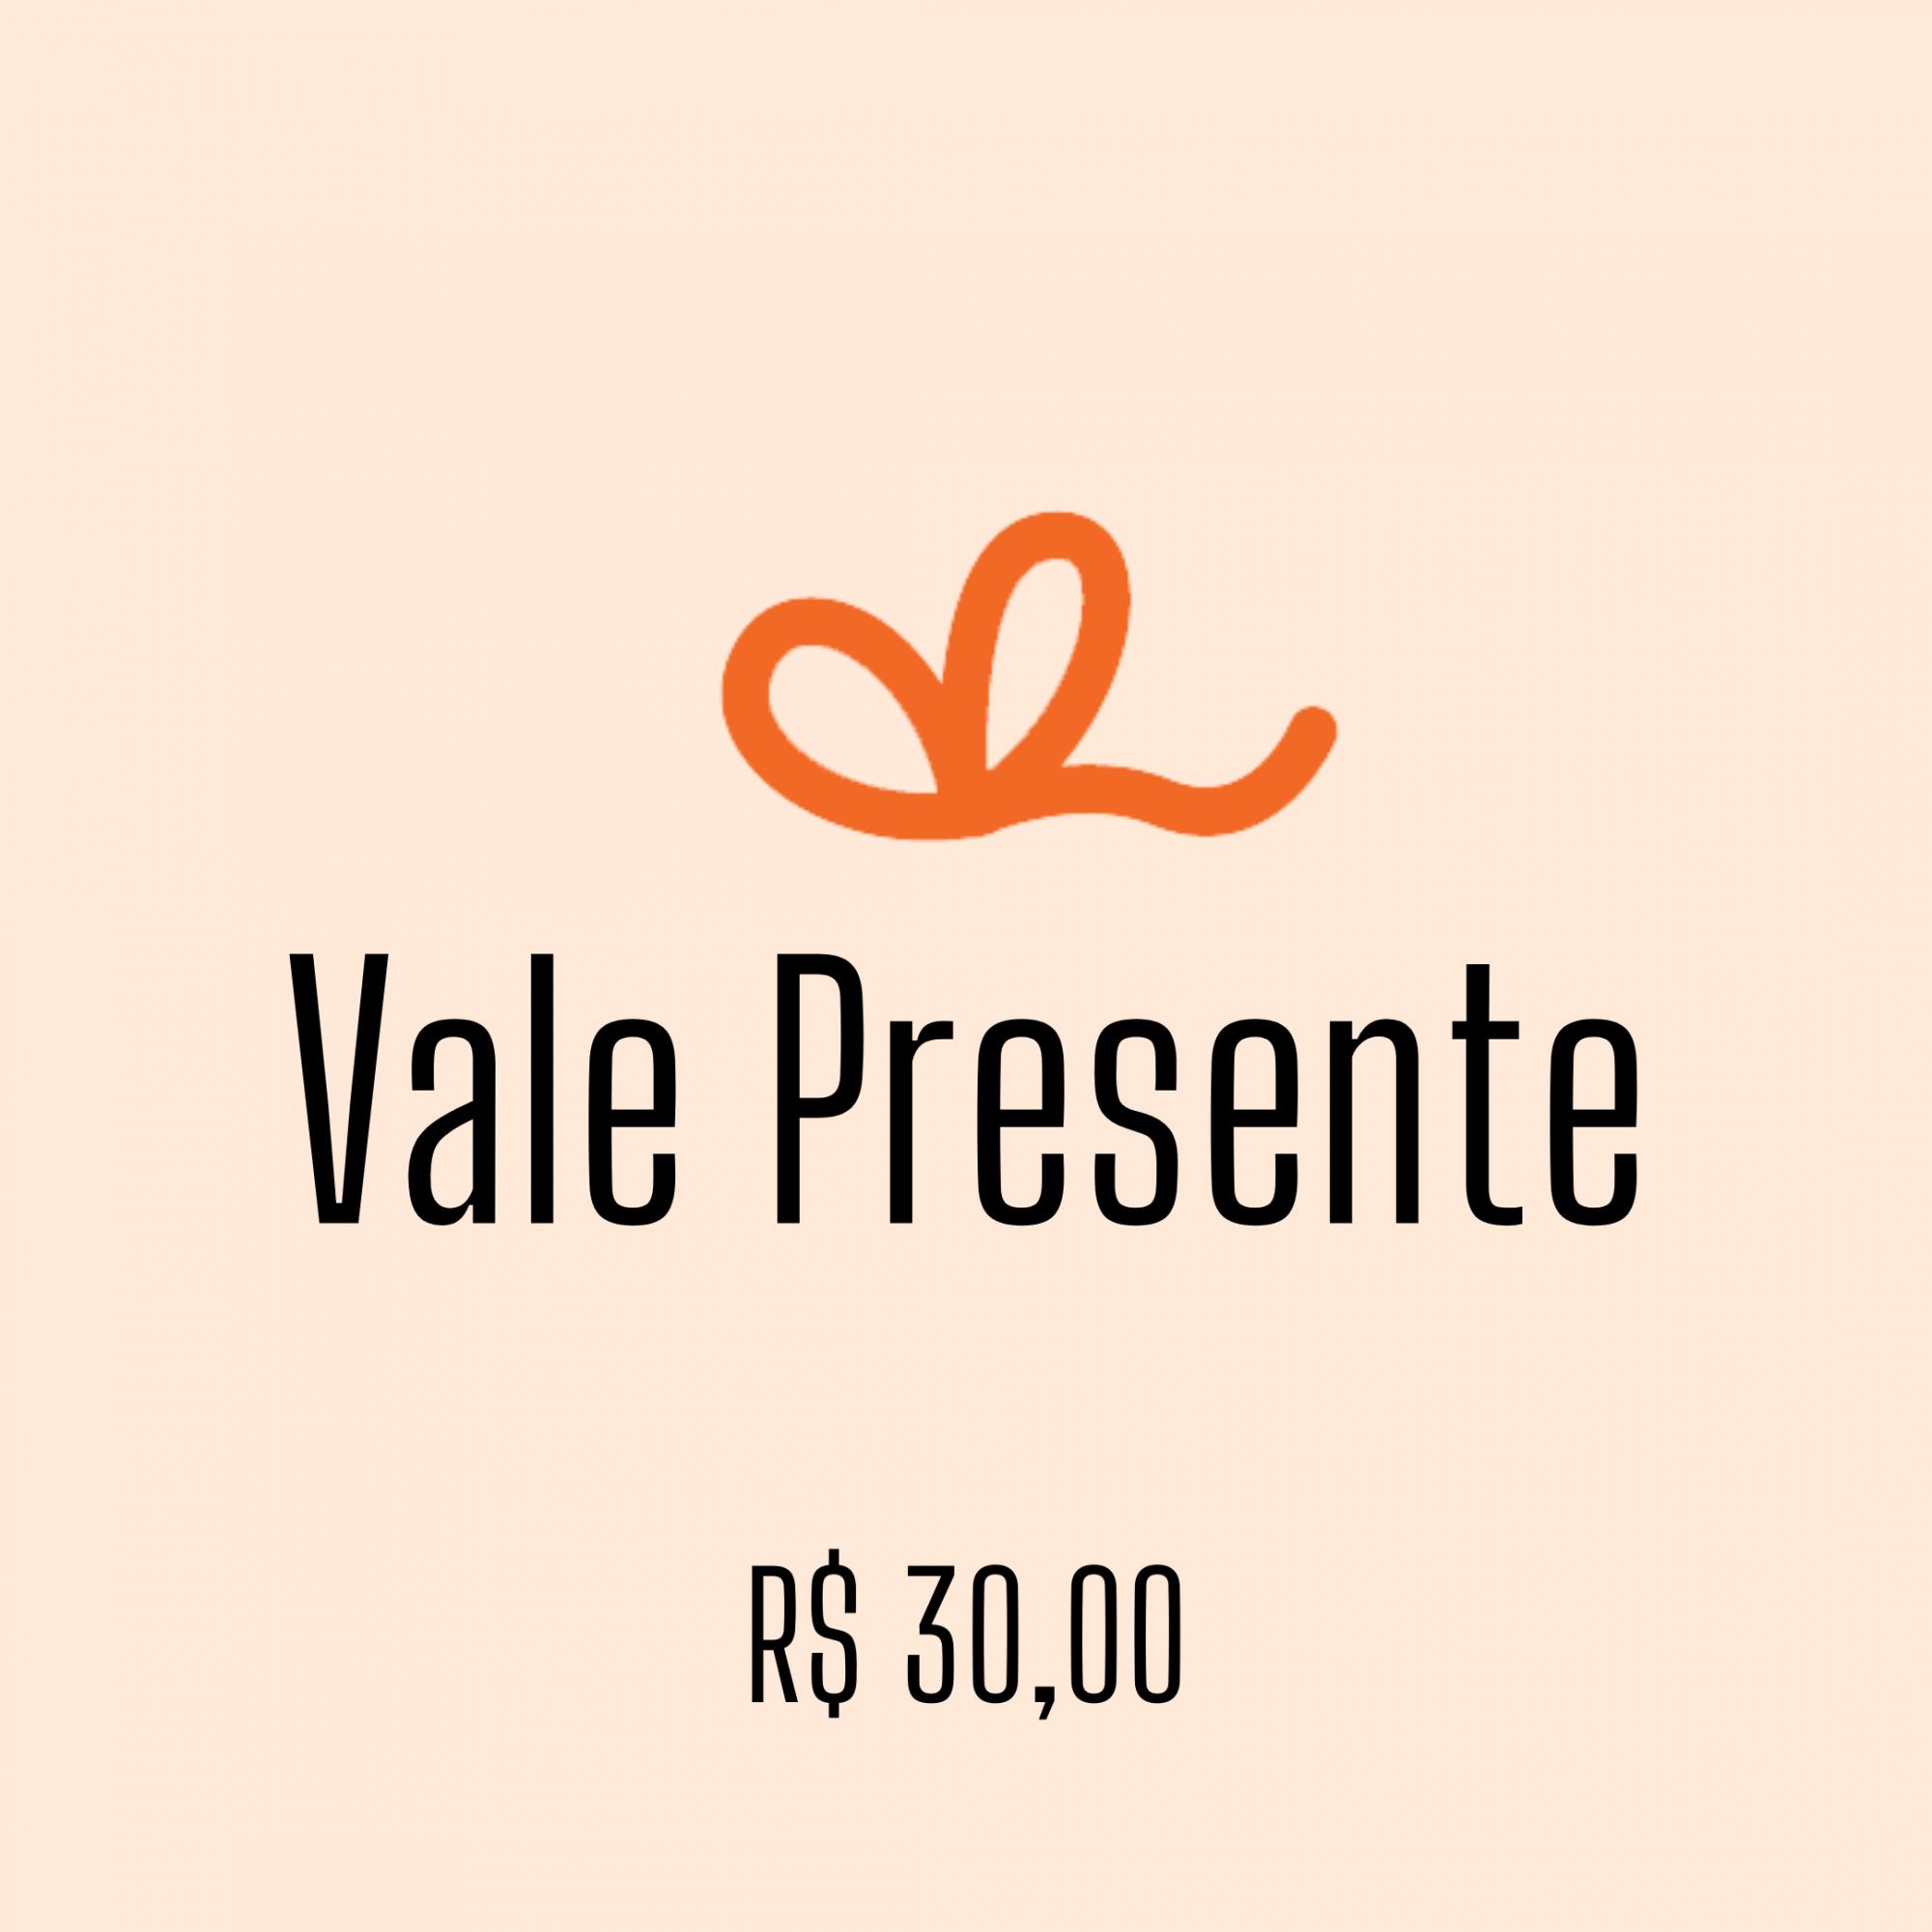 VALE PRESENTE DE R$ 30